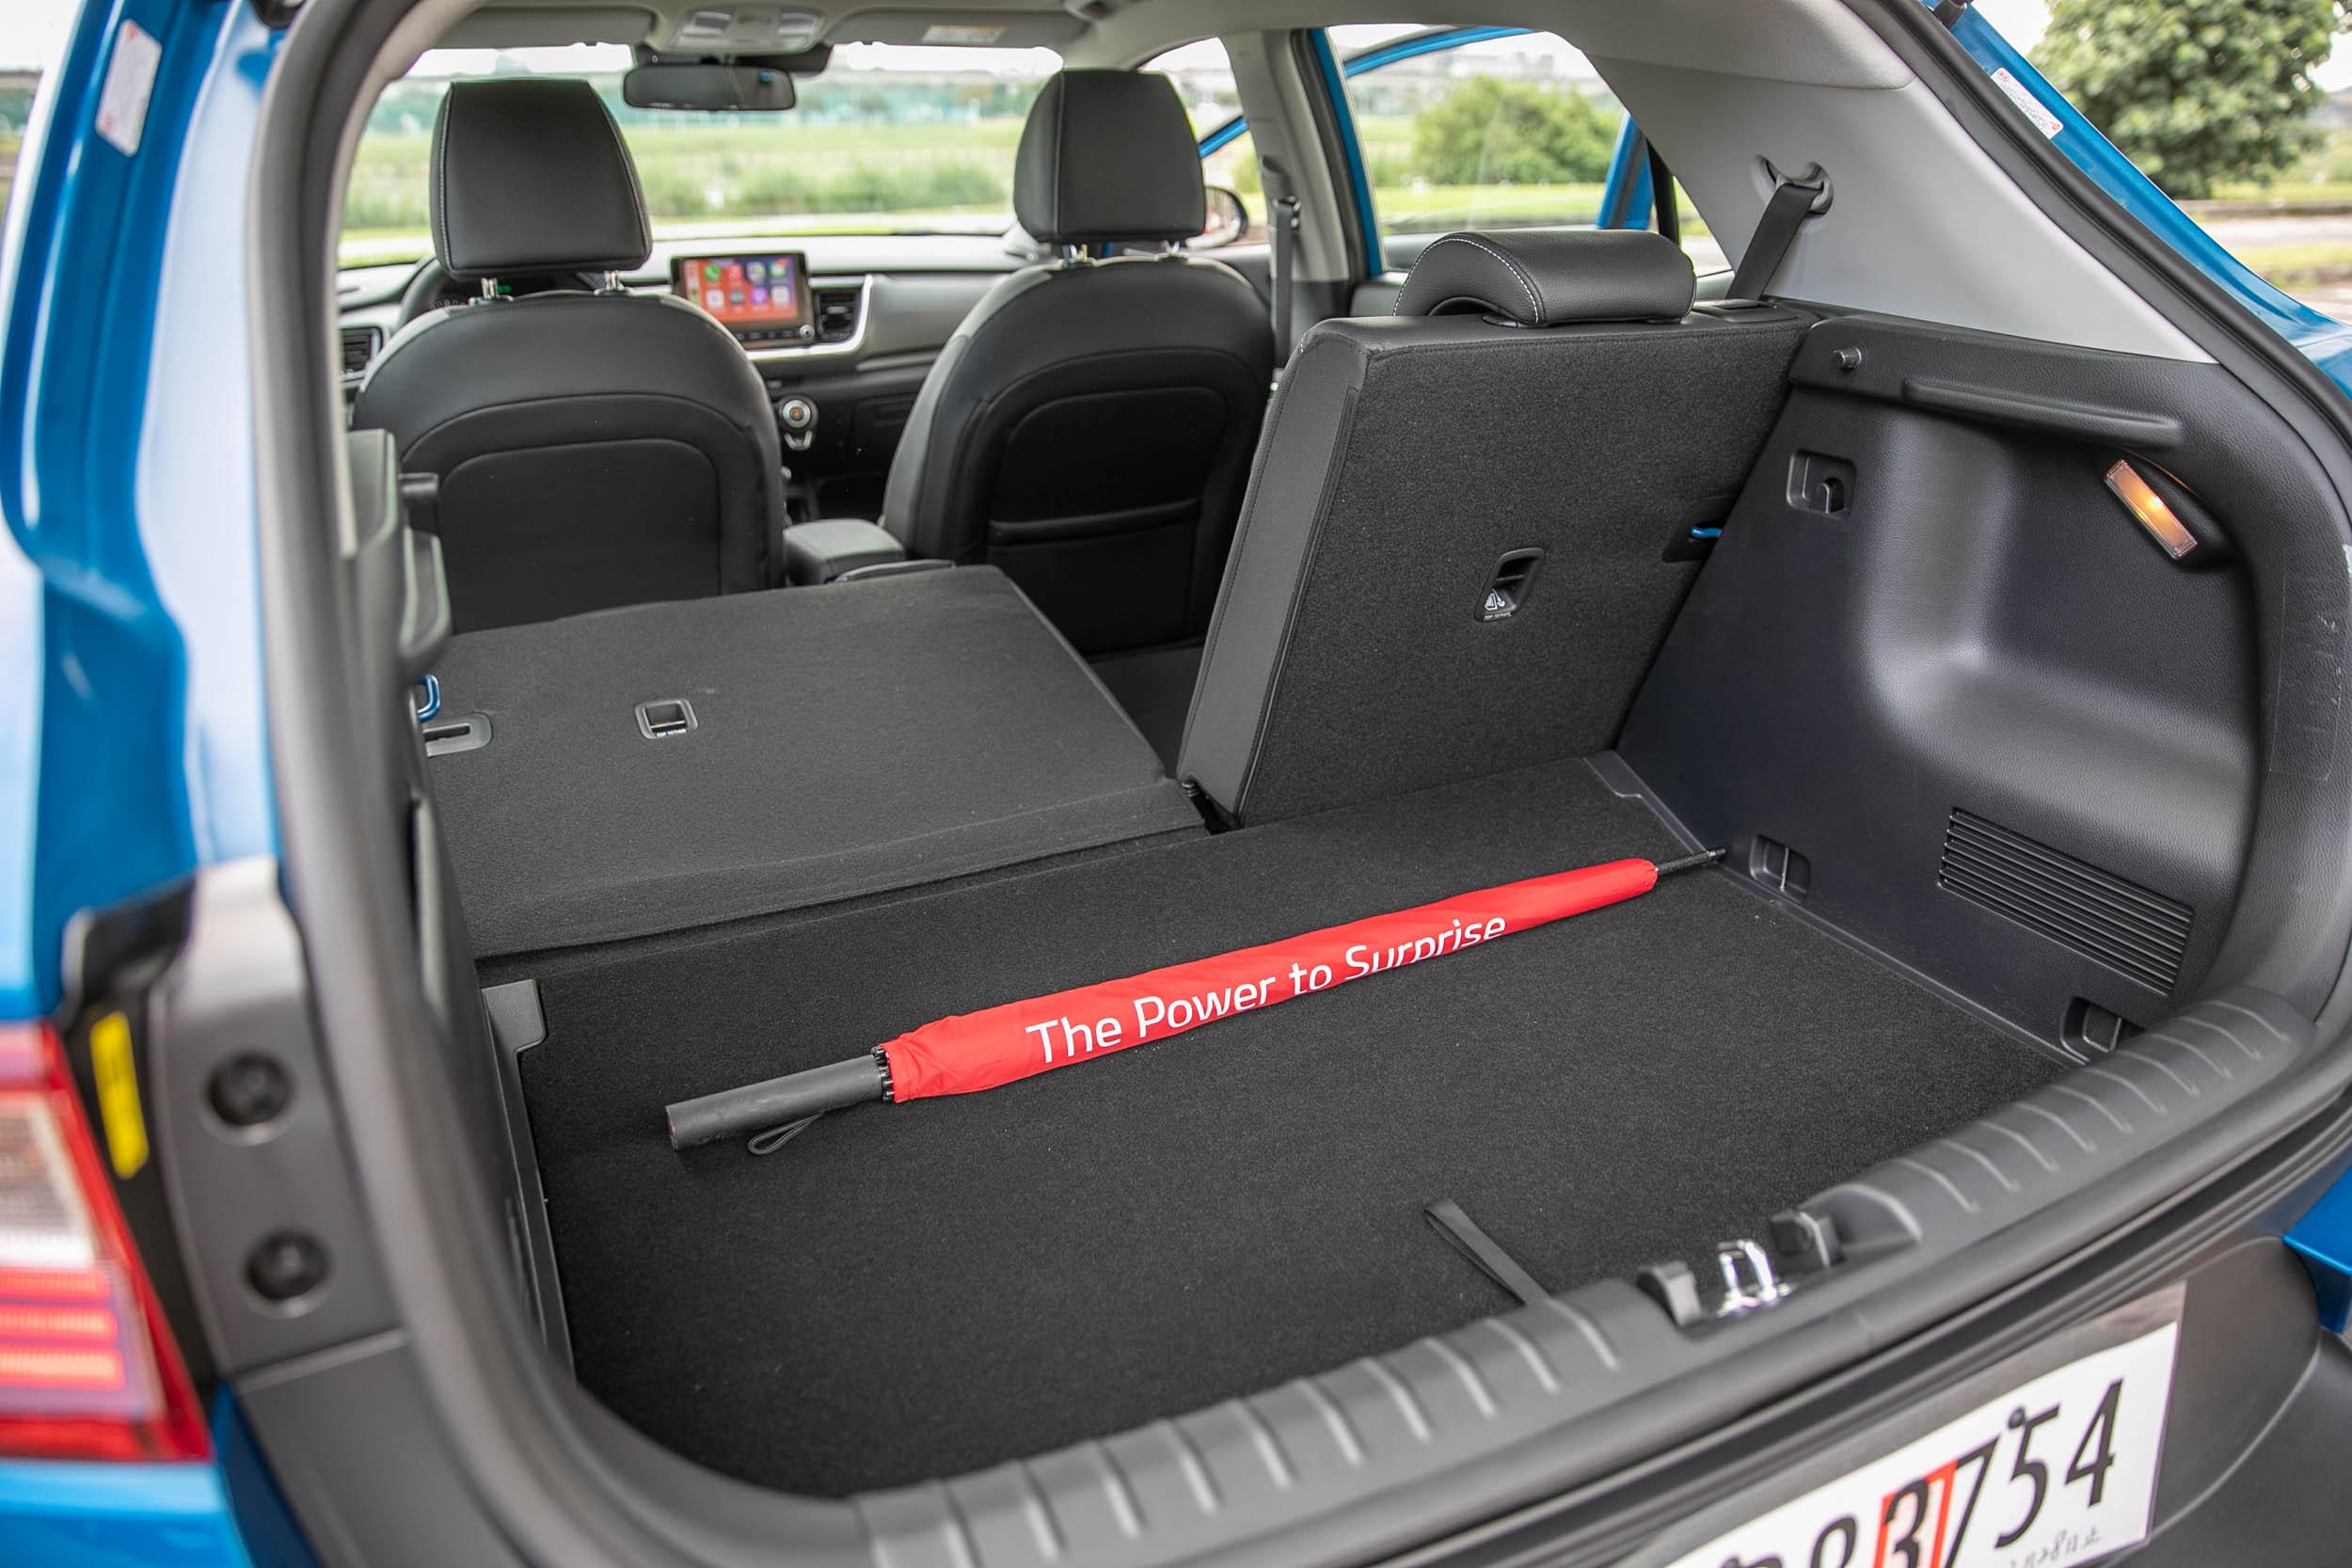 後座椅背傾倒後,最大置物空間可達 1155 公升。